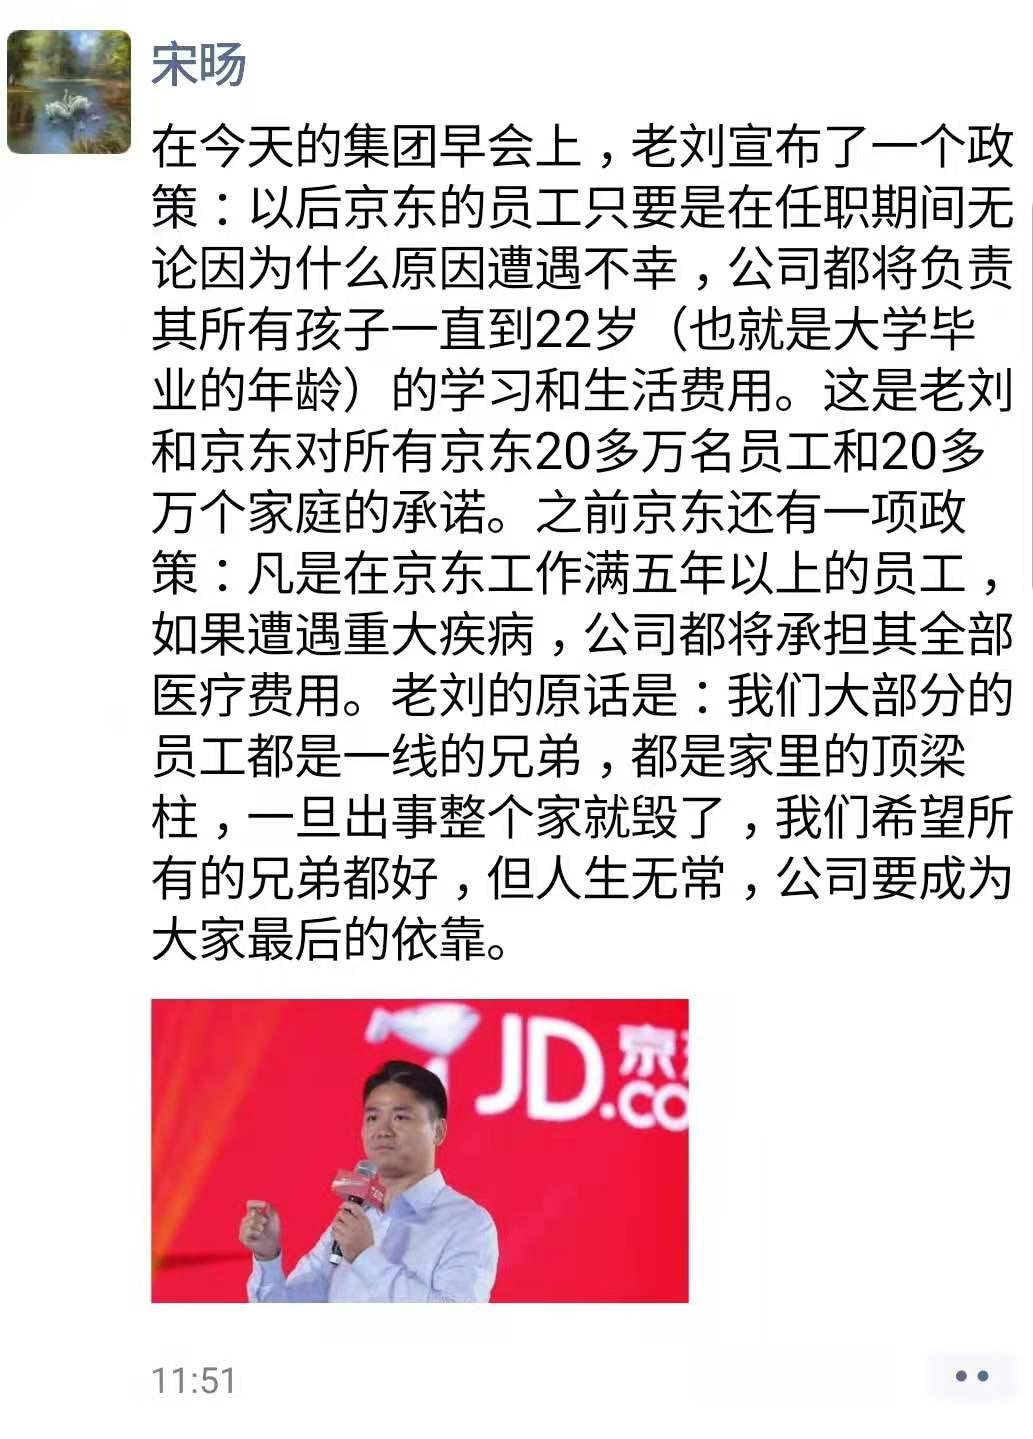 刘强东:若京东员工遭遇不幸,公司将负责其孩子学习和生活费用至22岁